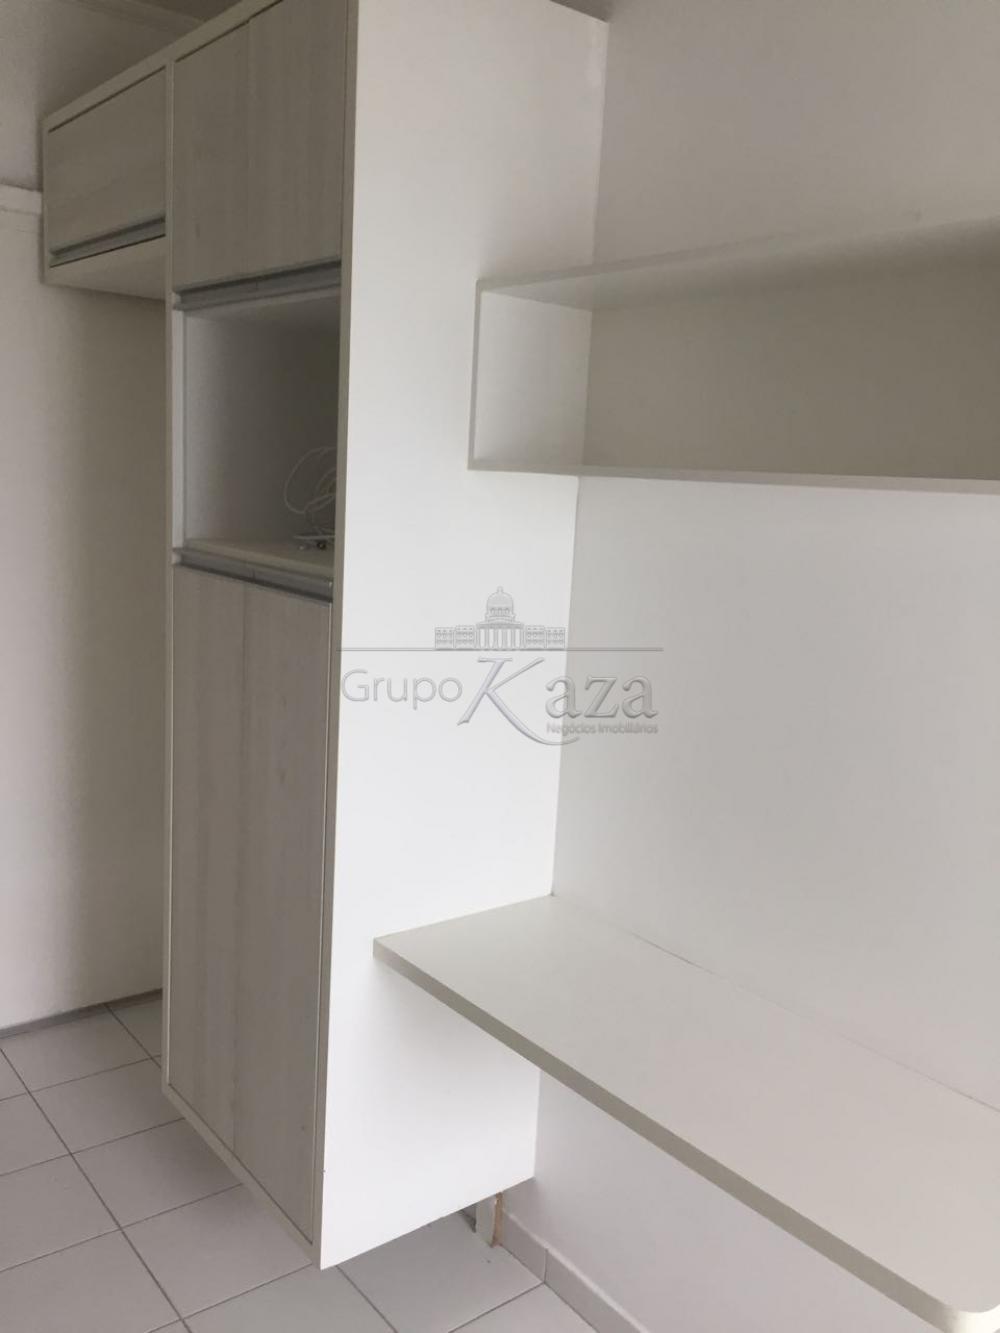 Alugar Apartamento / Padrão em Jacareí apenas R$ 1.180,00 - Foto 4